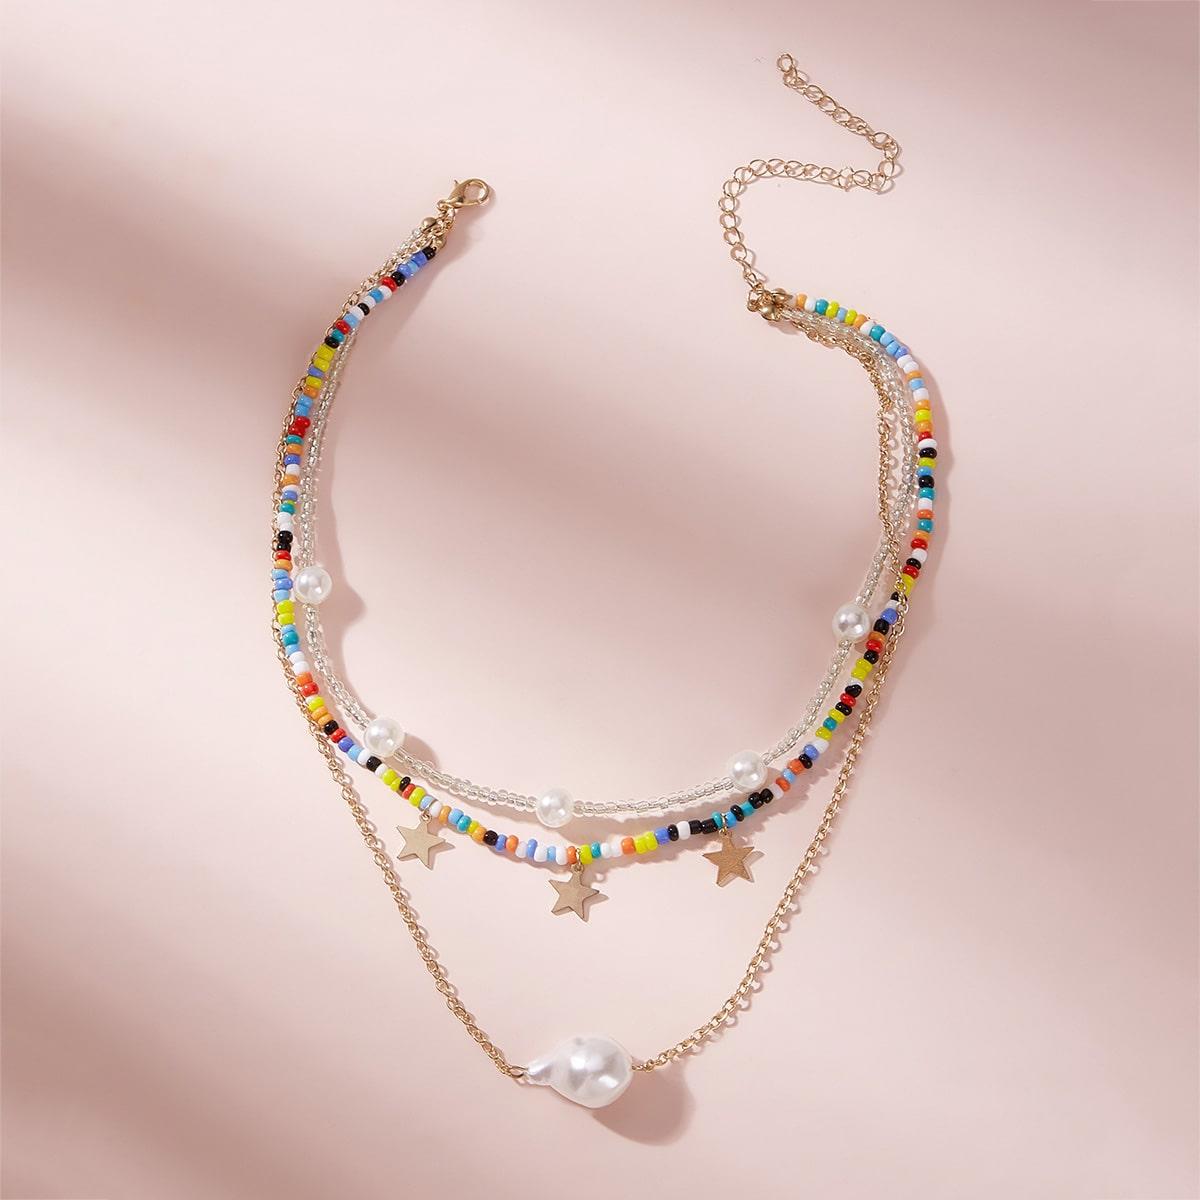 SHEIN / Mehrschichtige Halskette mit Kunstperlen & Stern Anhänger 1 Stück